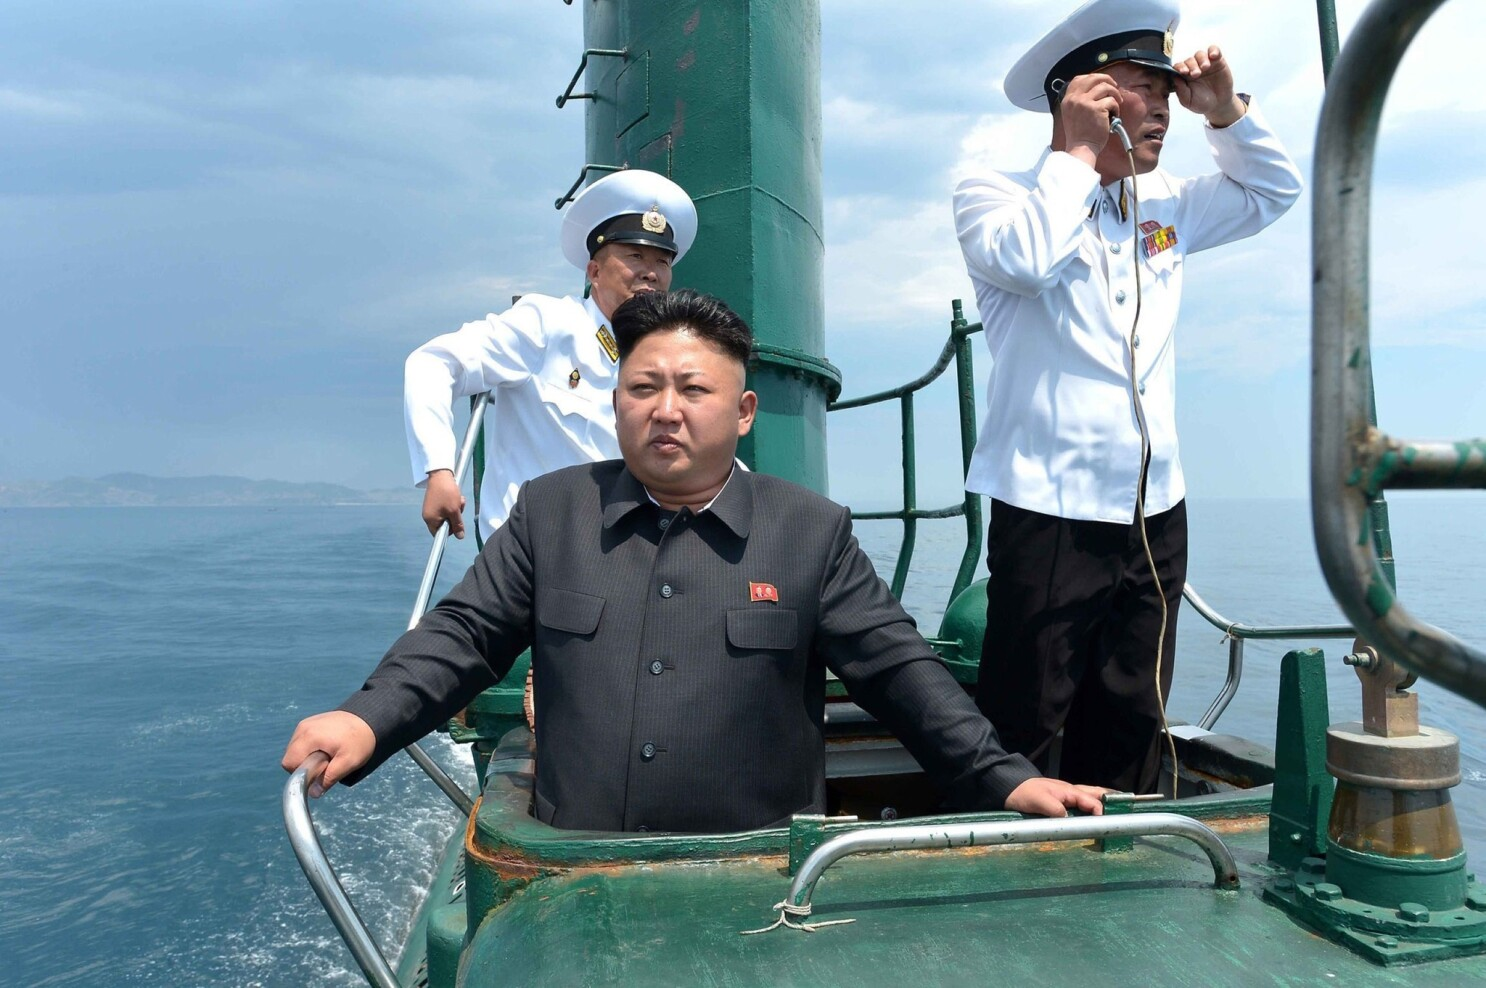 'The Great Successor' review: A grim portrait of Kim Jong Un